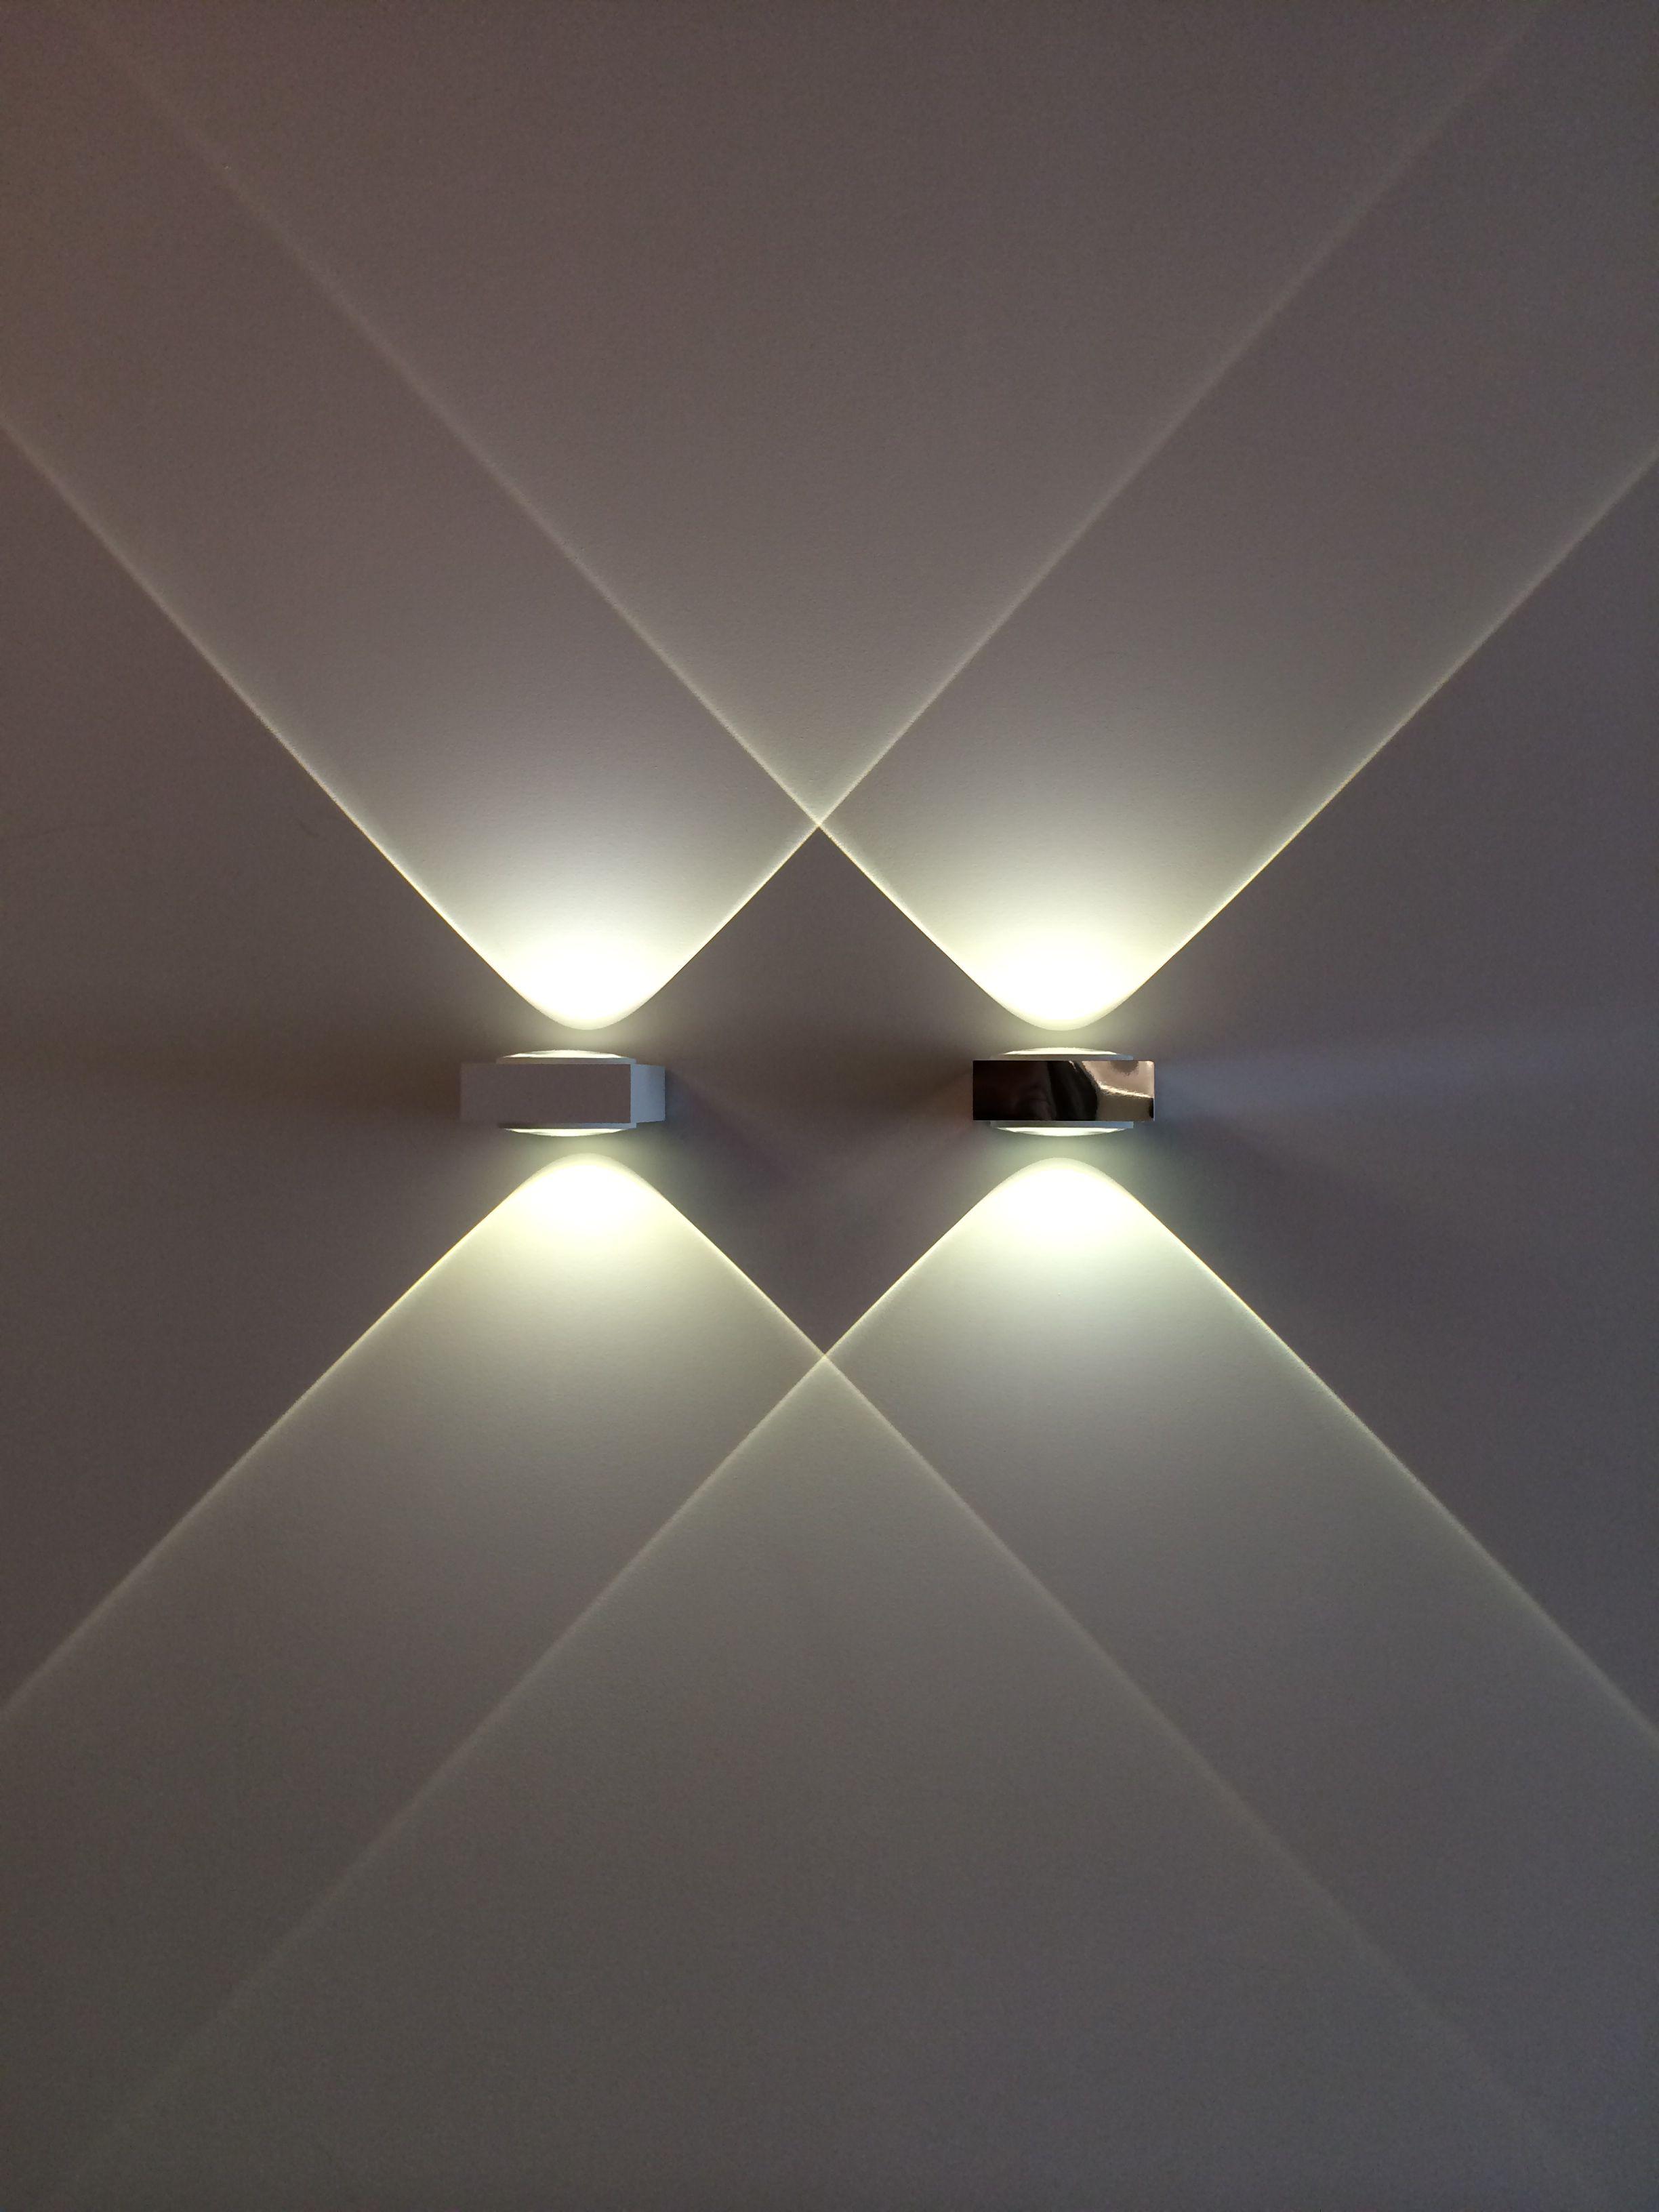 2 448 3 264 pixels - Iluminacion exterior led ...